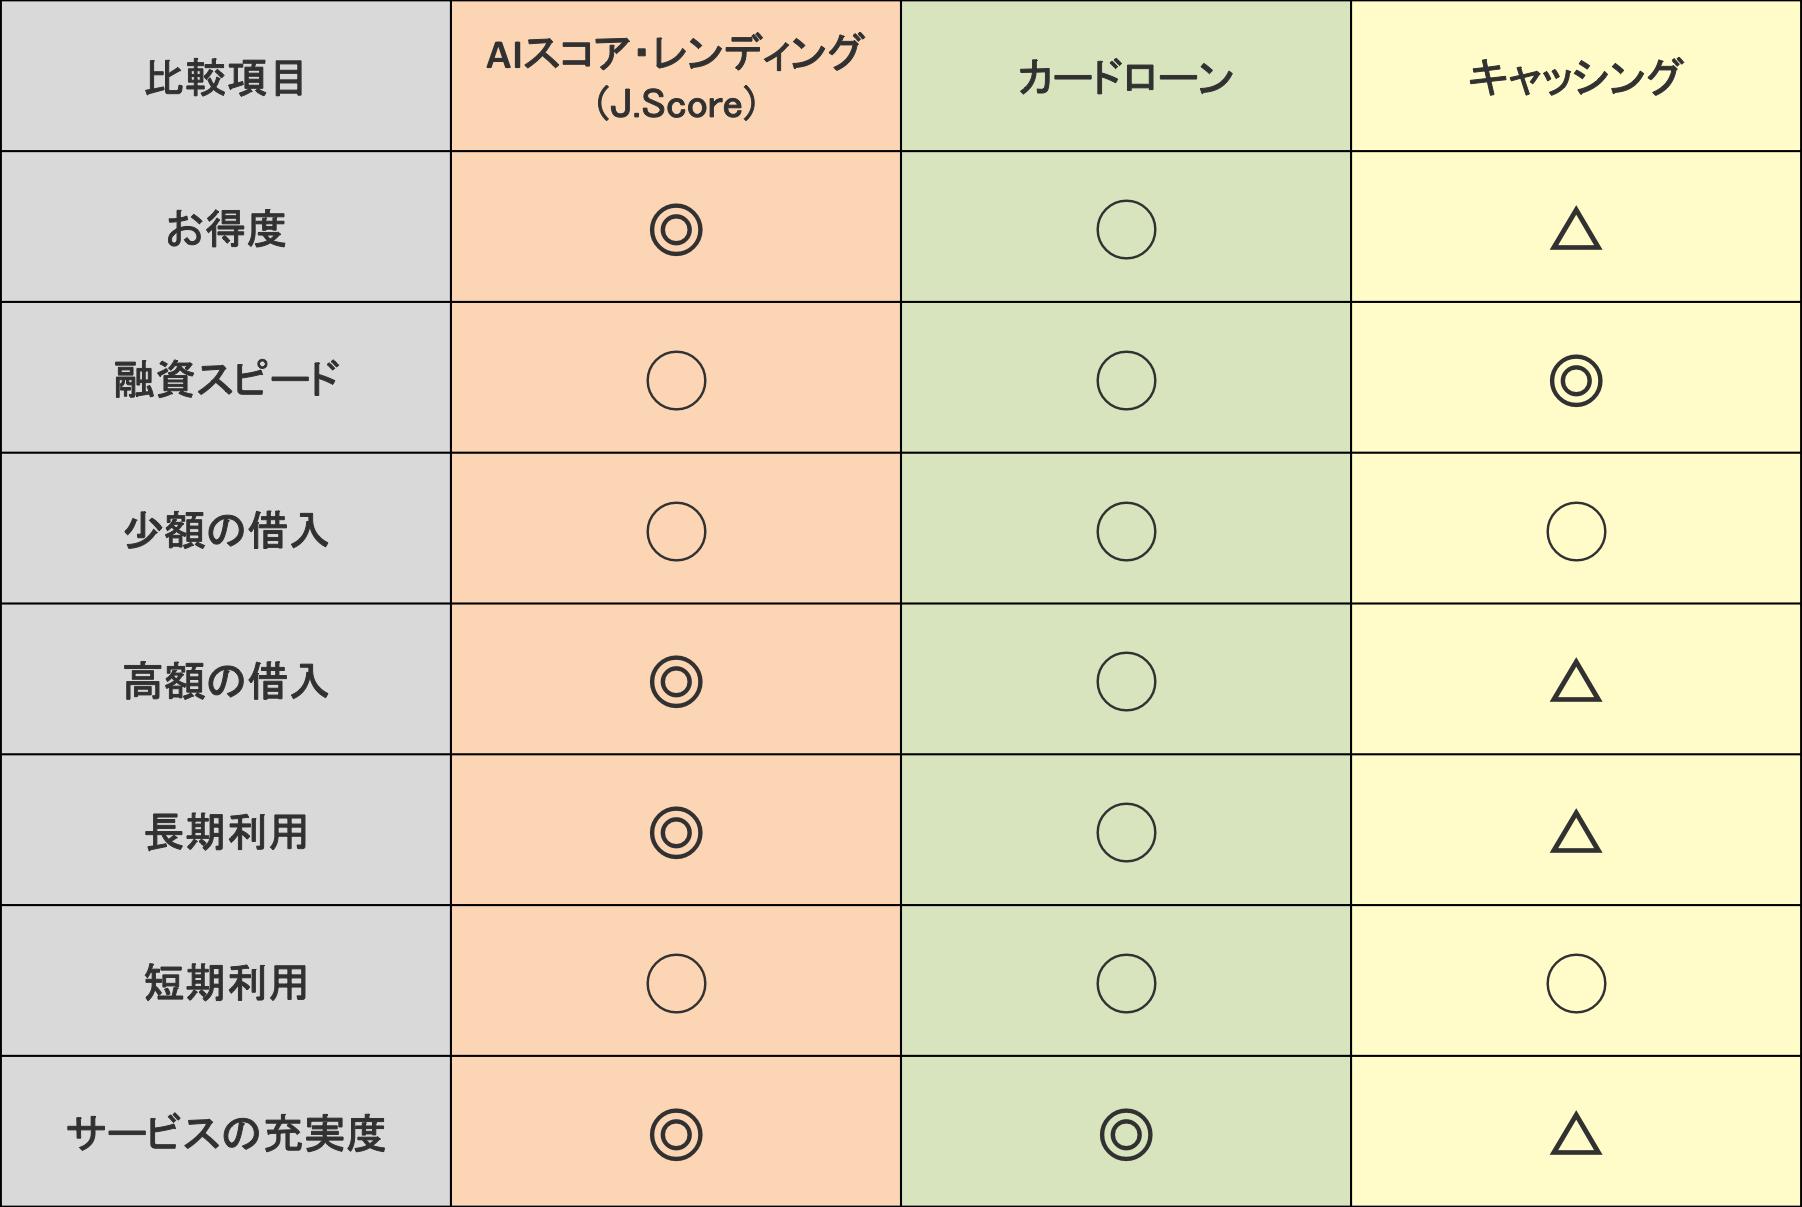 AIスコア・レンディング(J.Score)・カードローン・キャッシングの比較